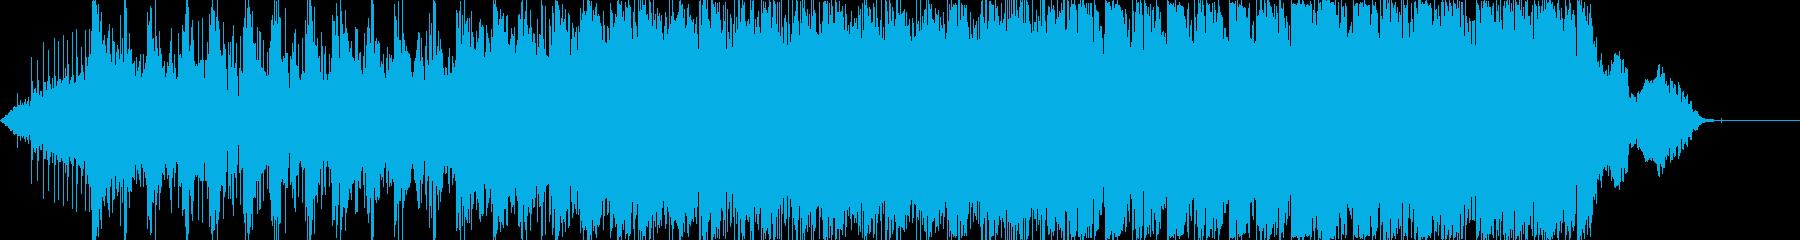 【殺陣音楽】迫力のある時代劇の戦闘シーンの再生済みの波形